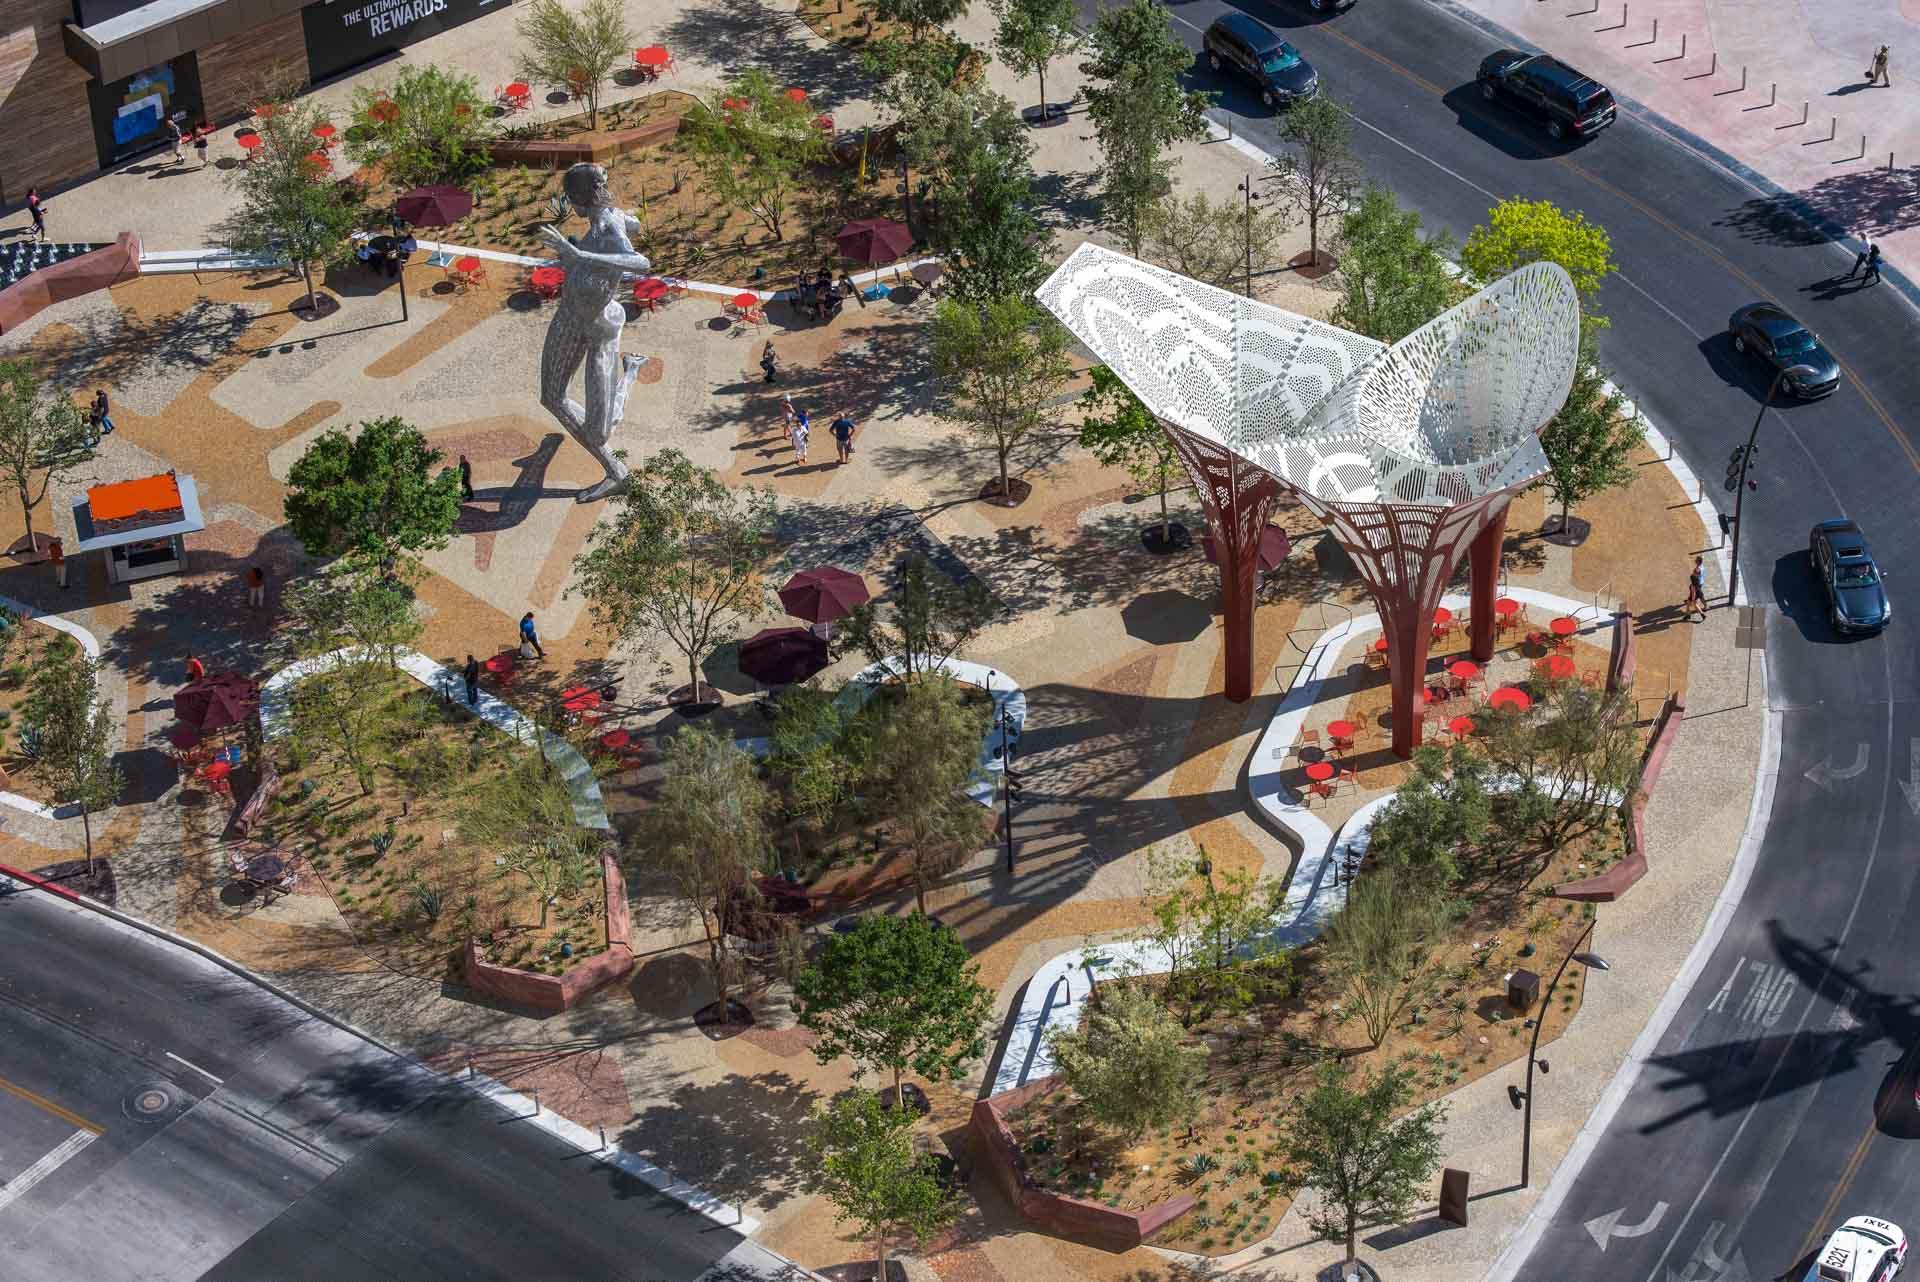 landscape-architecture-urban-design-Las-Vegas-The-Park-1.jpg